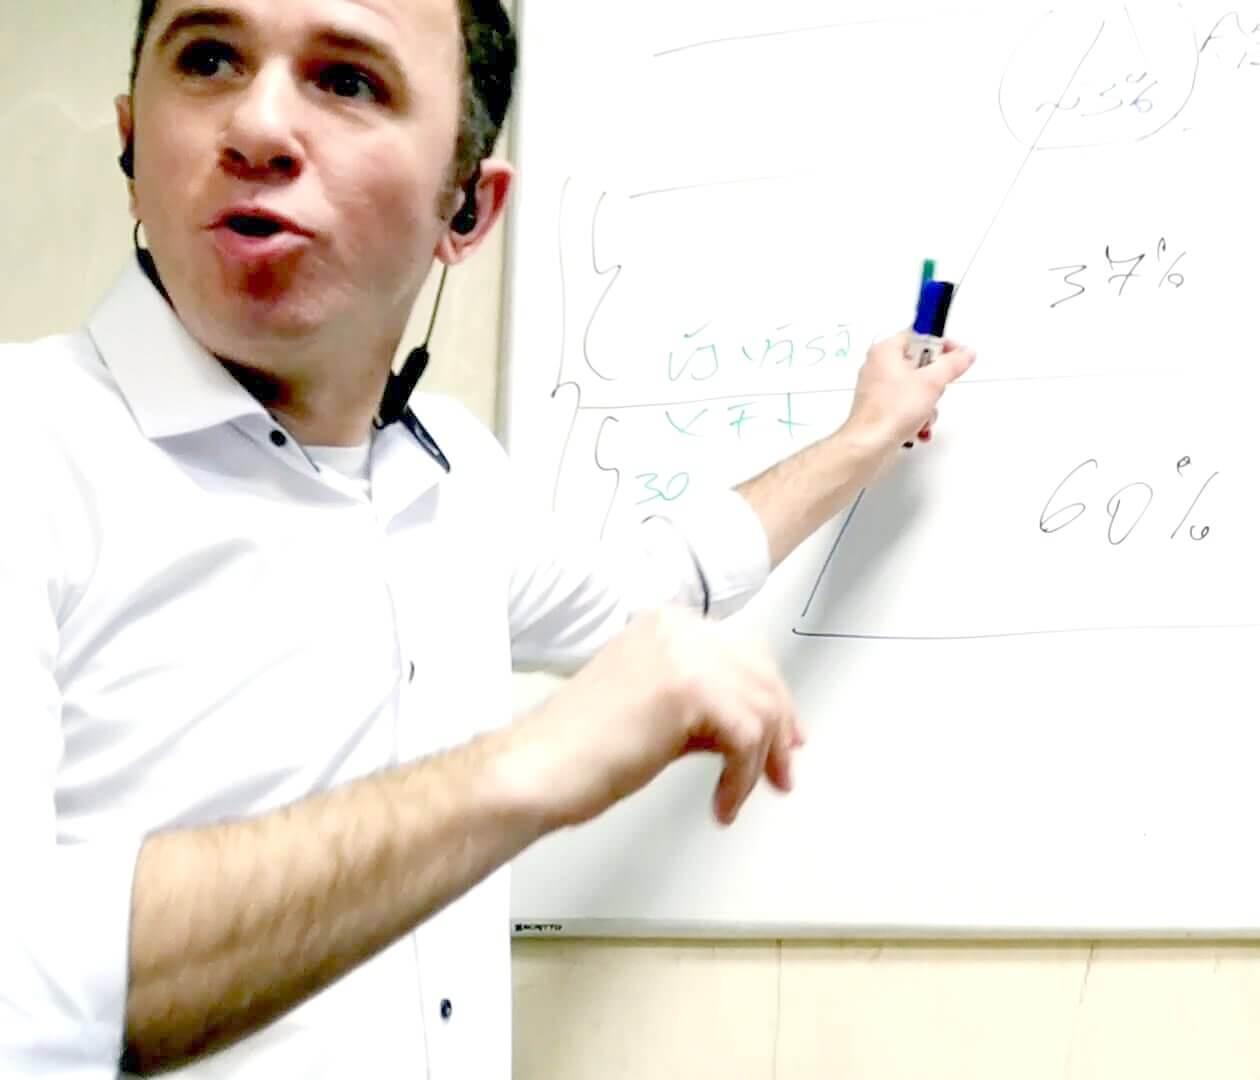 Fülöp Imre - Tréning: Digitális marketing és vállalkozás növekedési stratégia